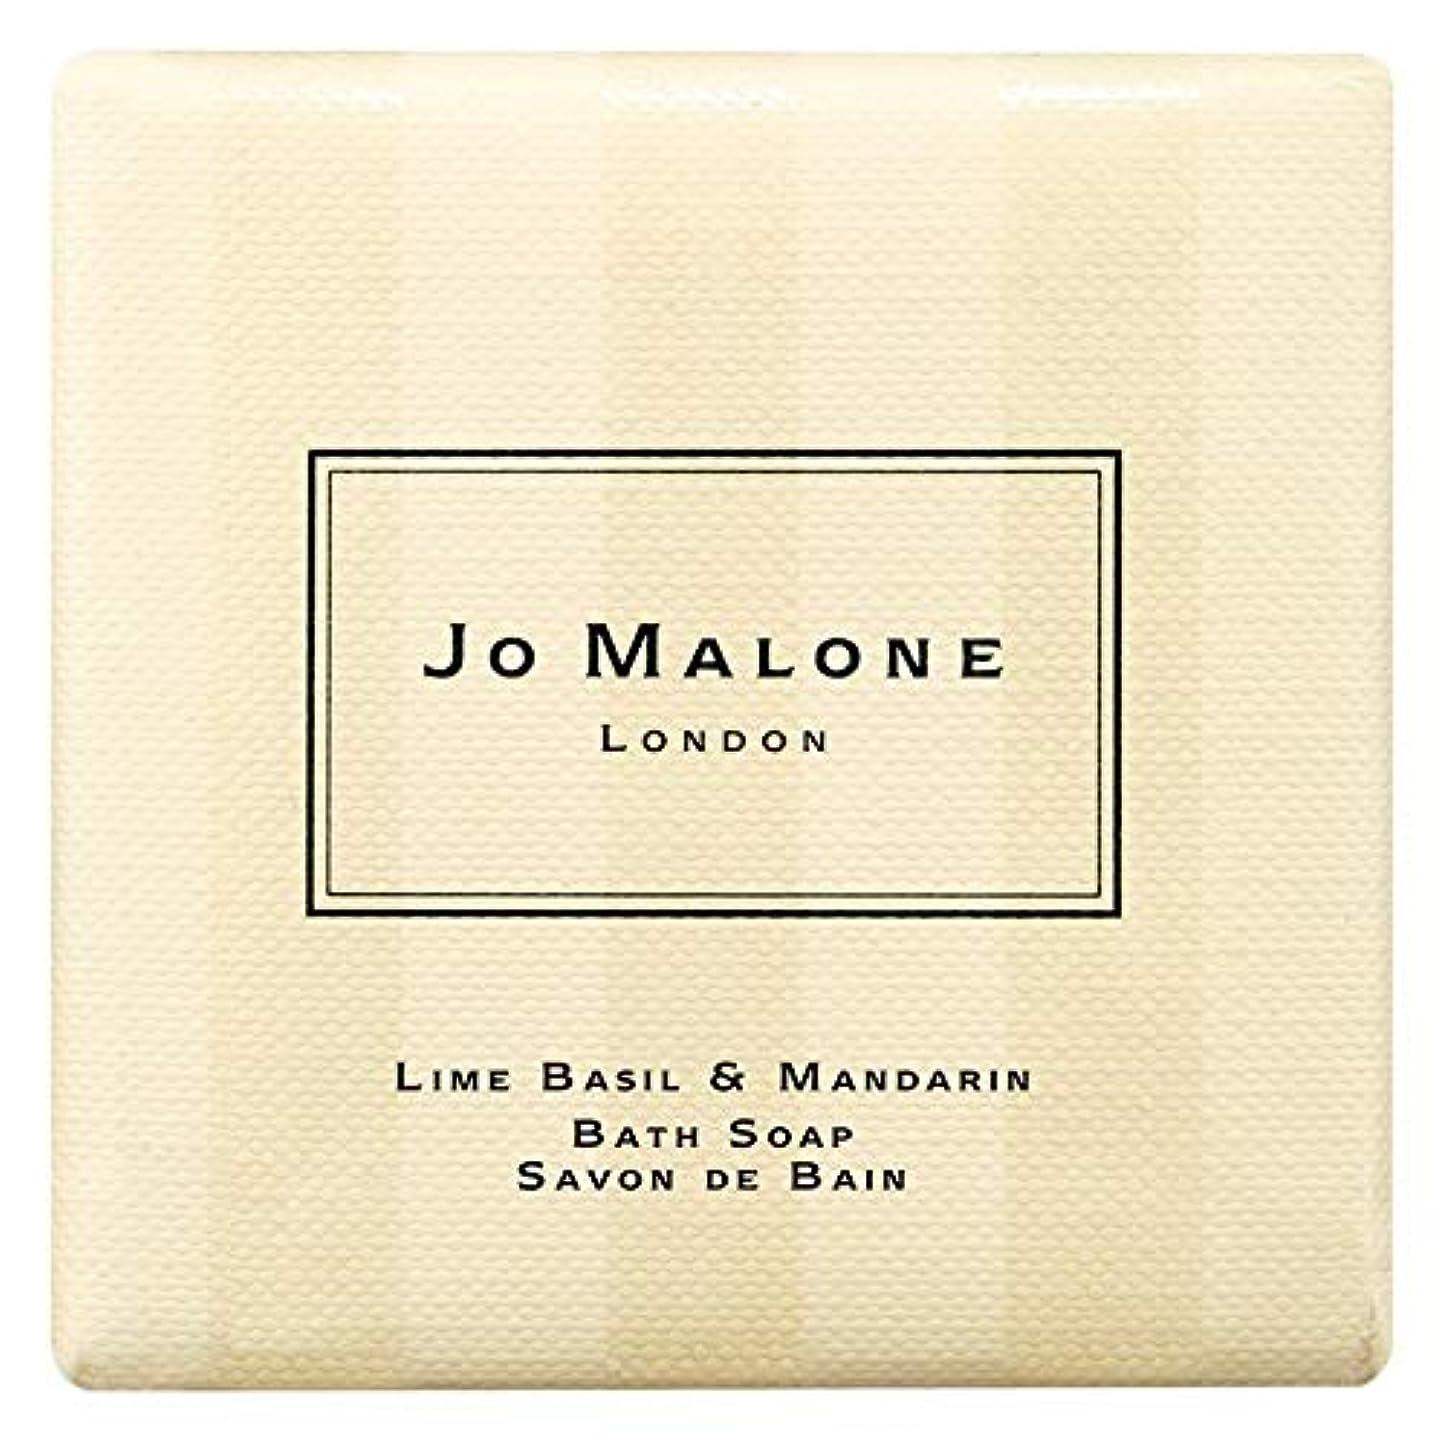 無知羊飼い訪問[Jo Malone] ジョーマローンロンドンライムバジル&マンダリンお風呂の石鹸100グラム - Jo Malone London Lime Basil & Mandarin Bath Soap 100g [並行輸入品]